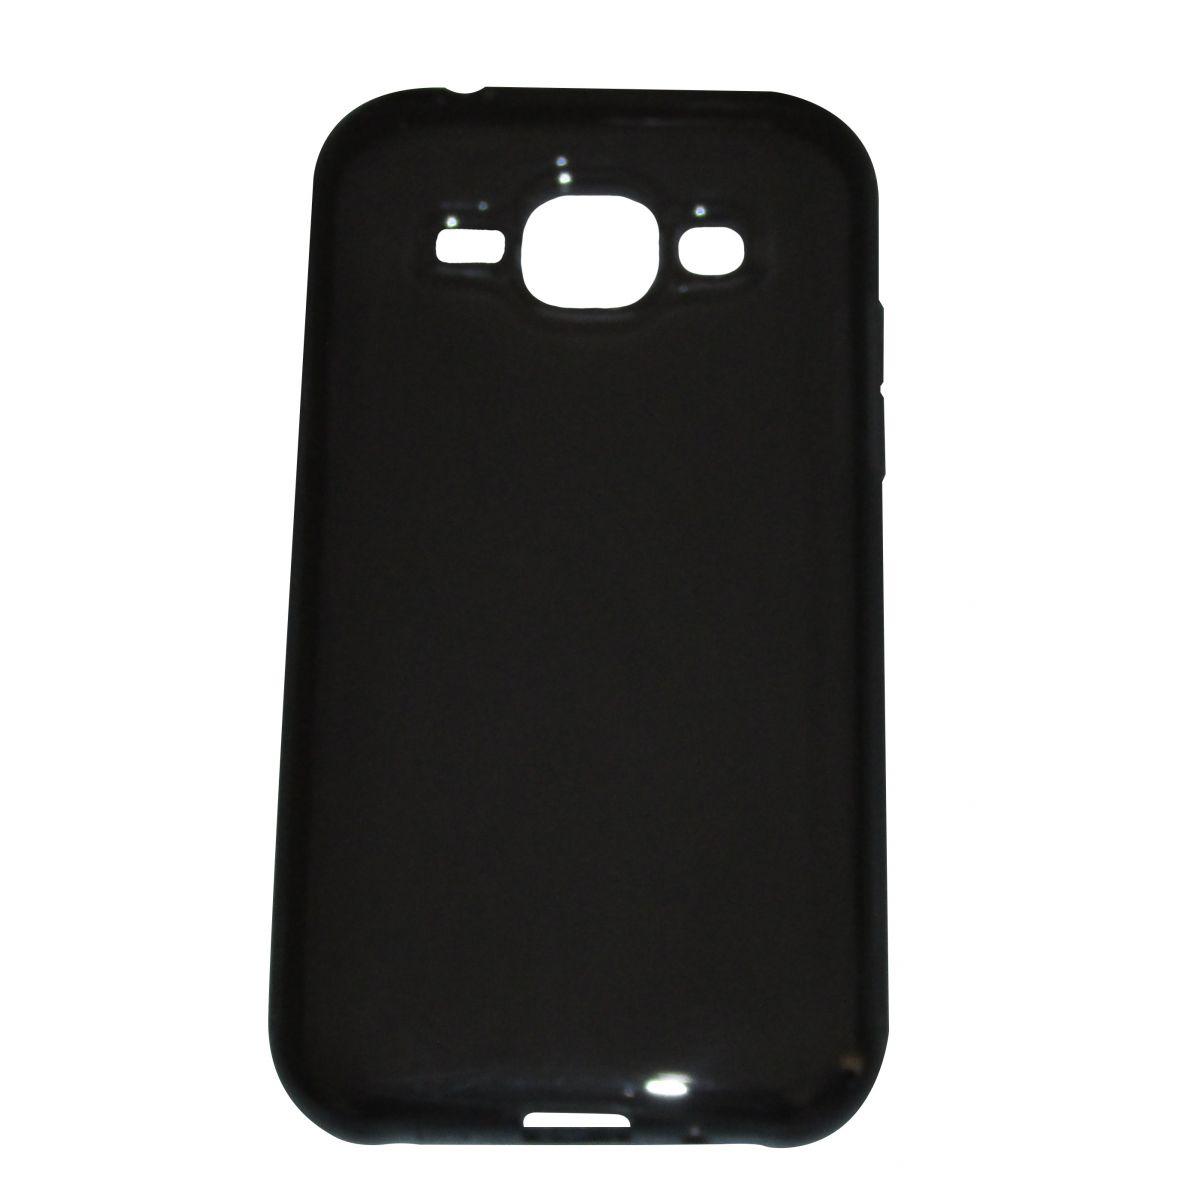 Capa TPU Grafite Samsung Galaxy J1 J100 + Pelicula Flexível